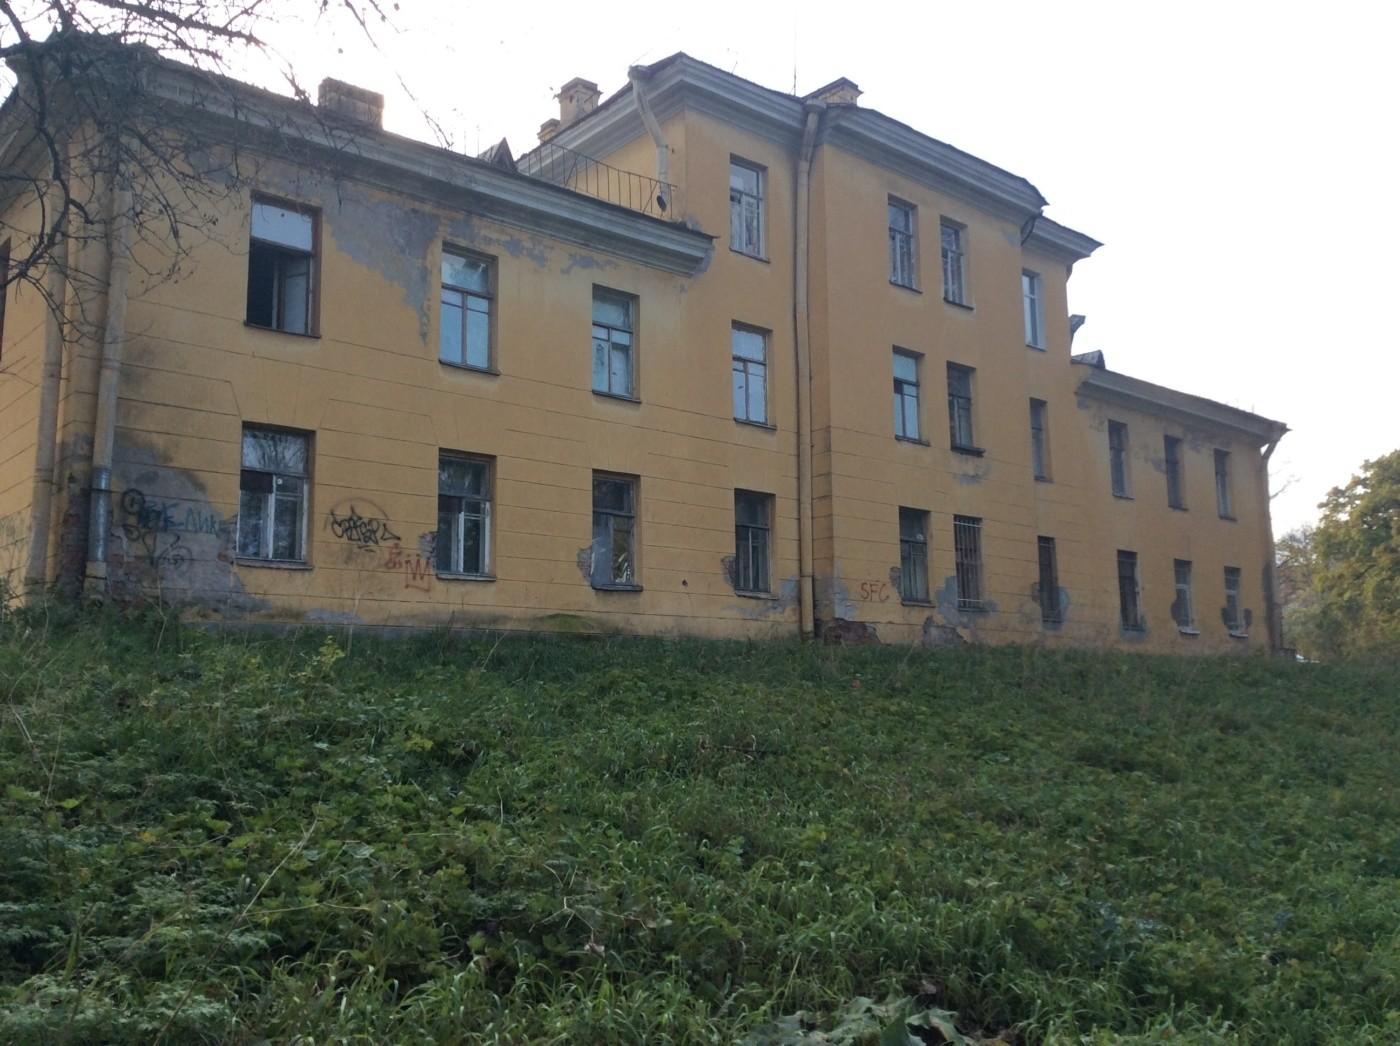 Усадьба Демидова, Вторая Комсомольская улица, Штрамповка, Матисов канал